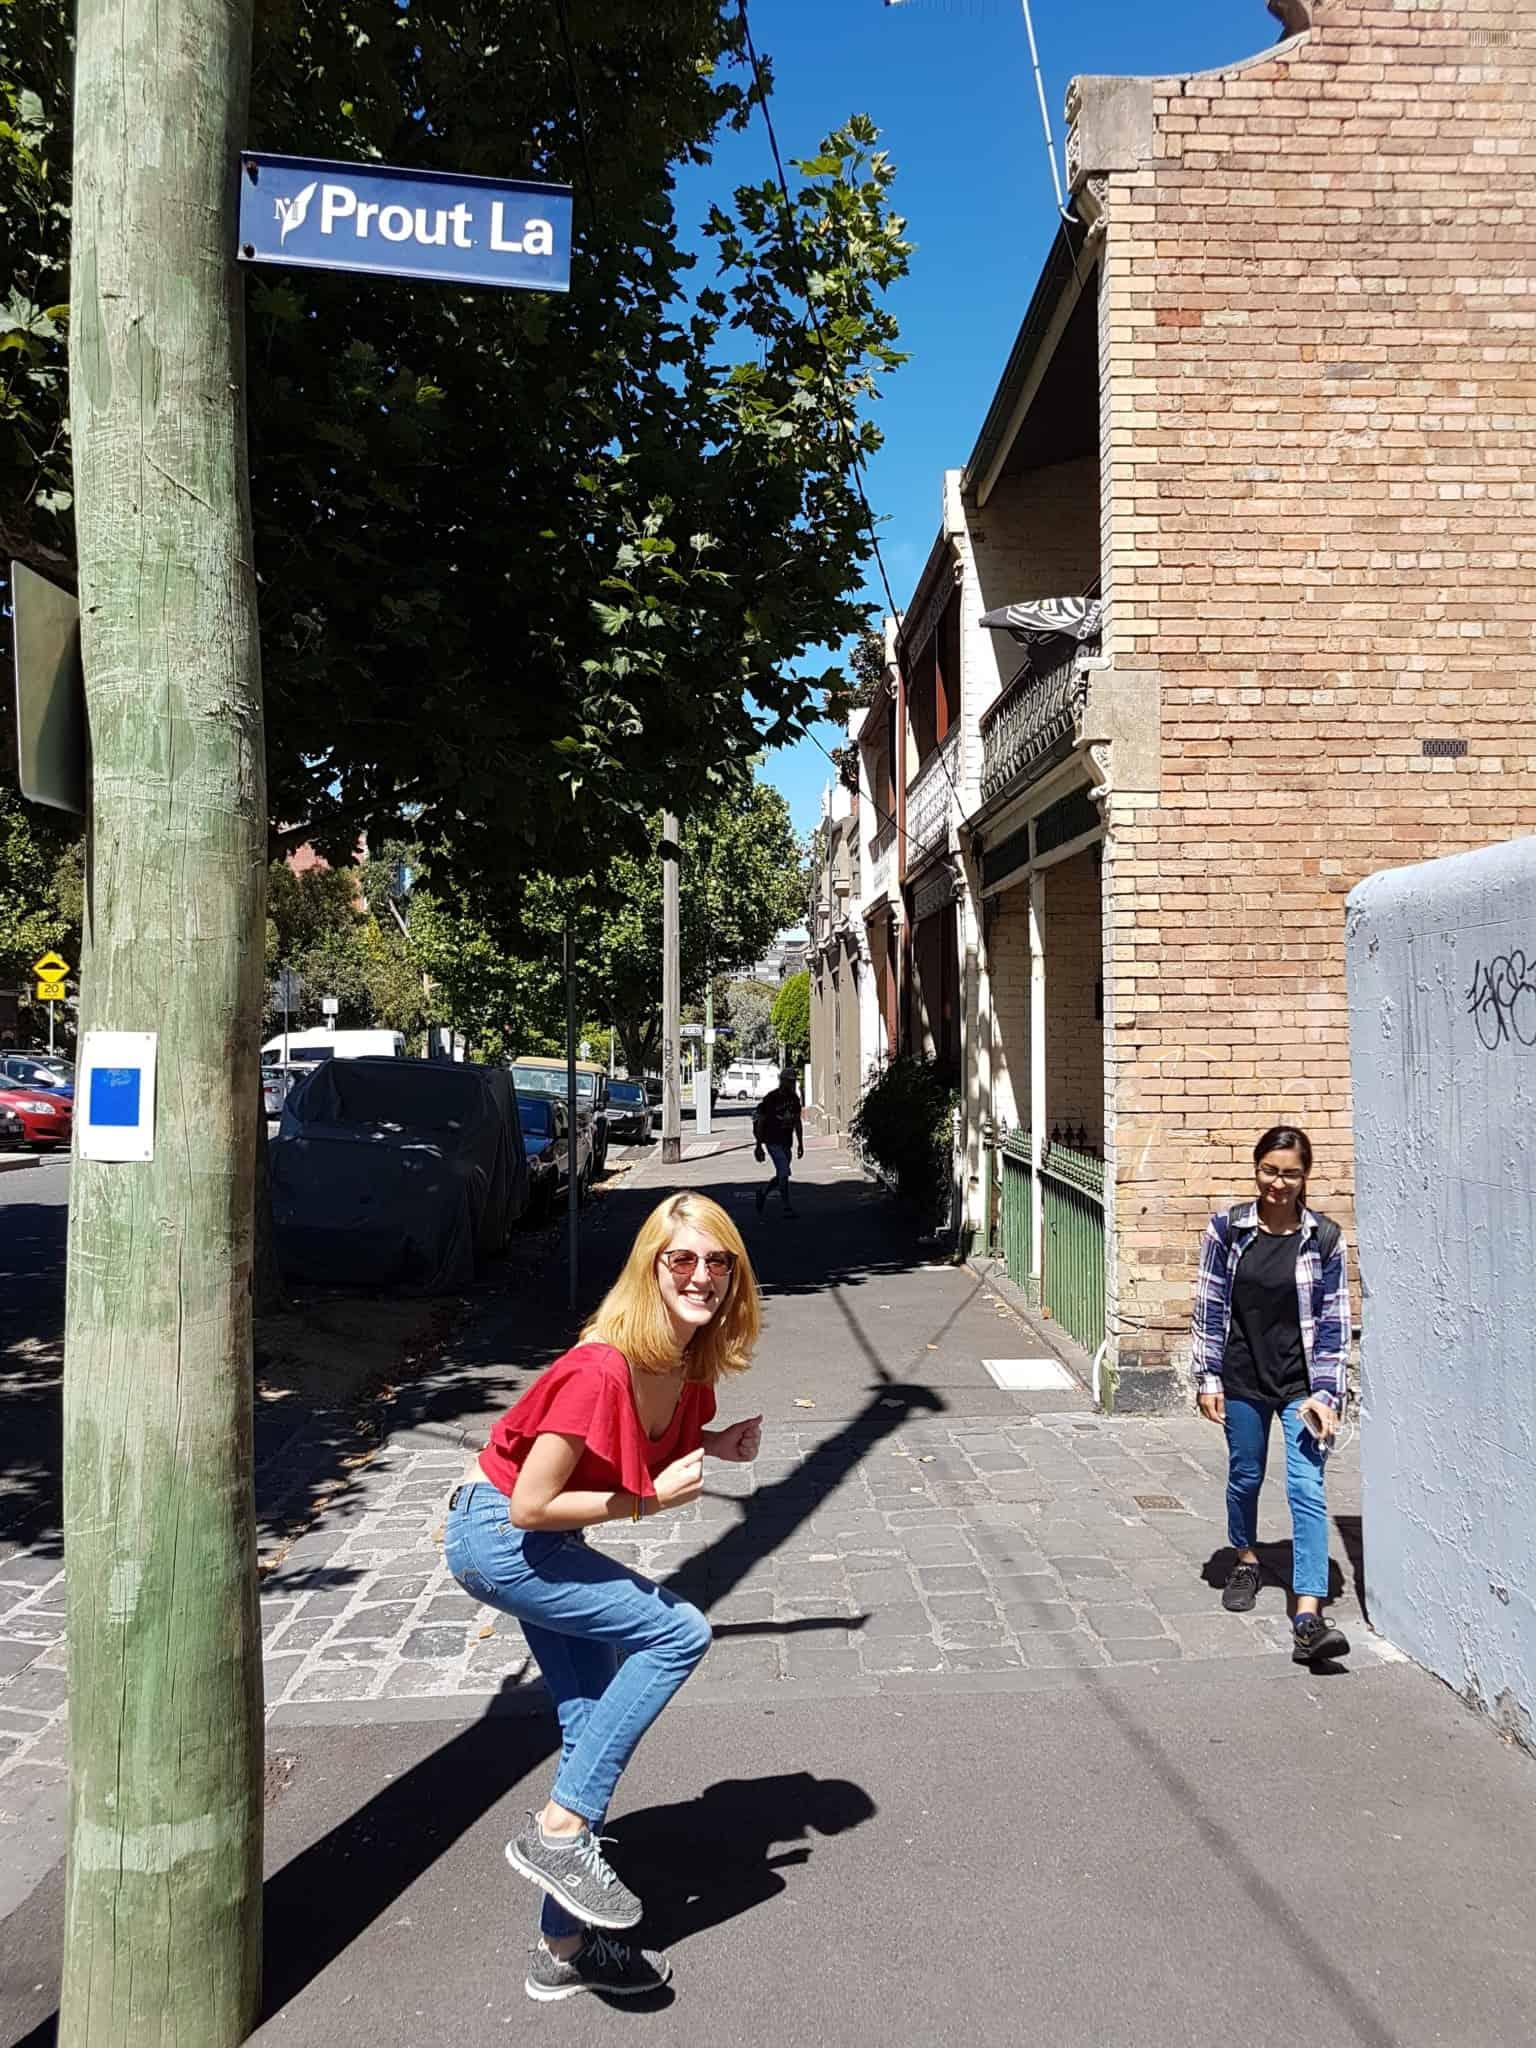 Australie, trois jours à découvrir Melbourne 👣 19